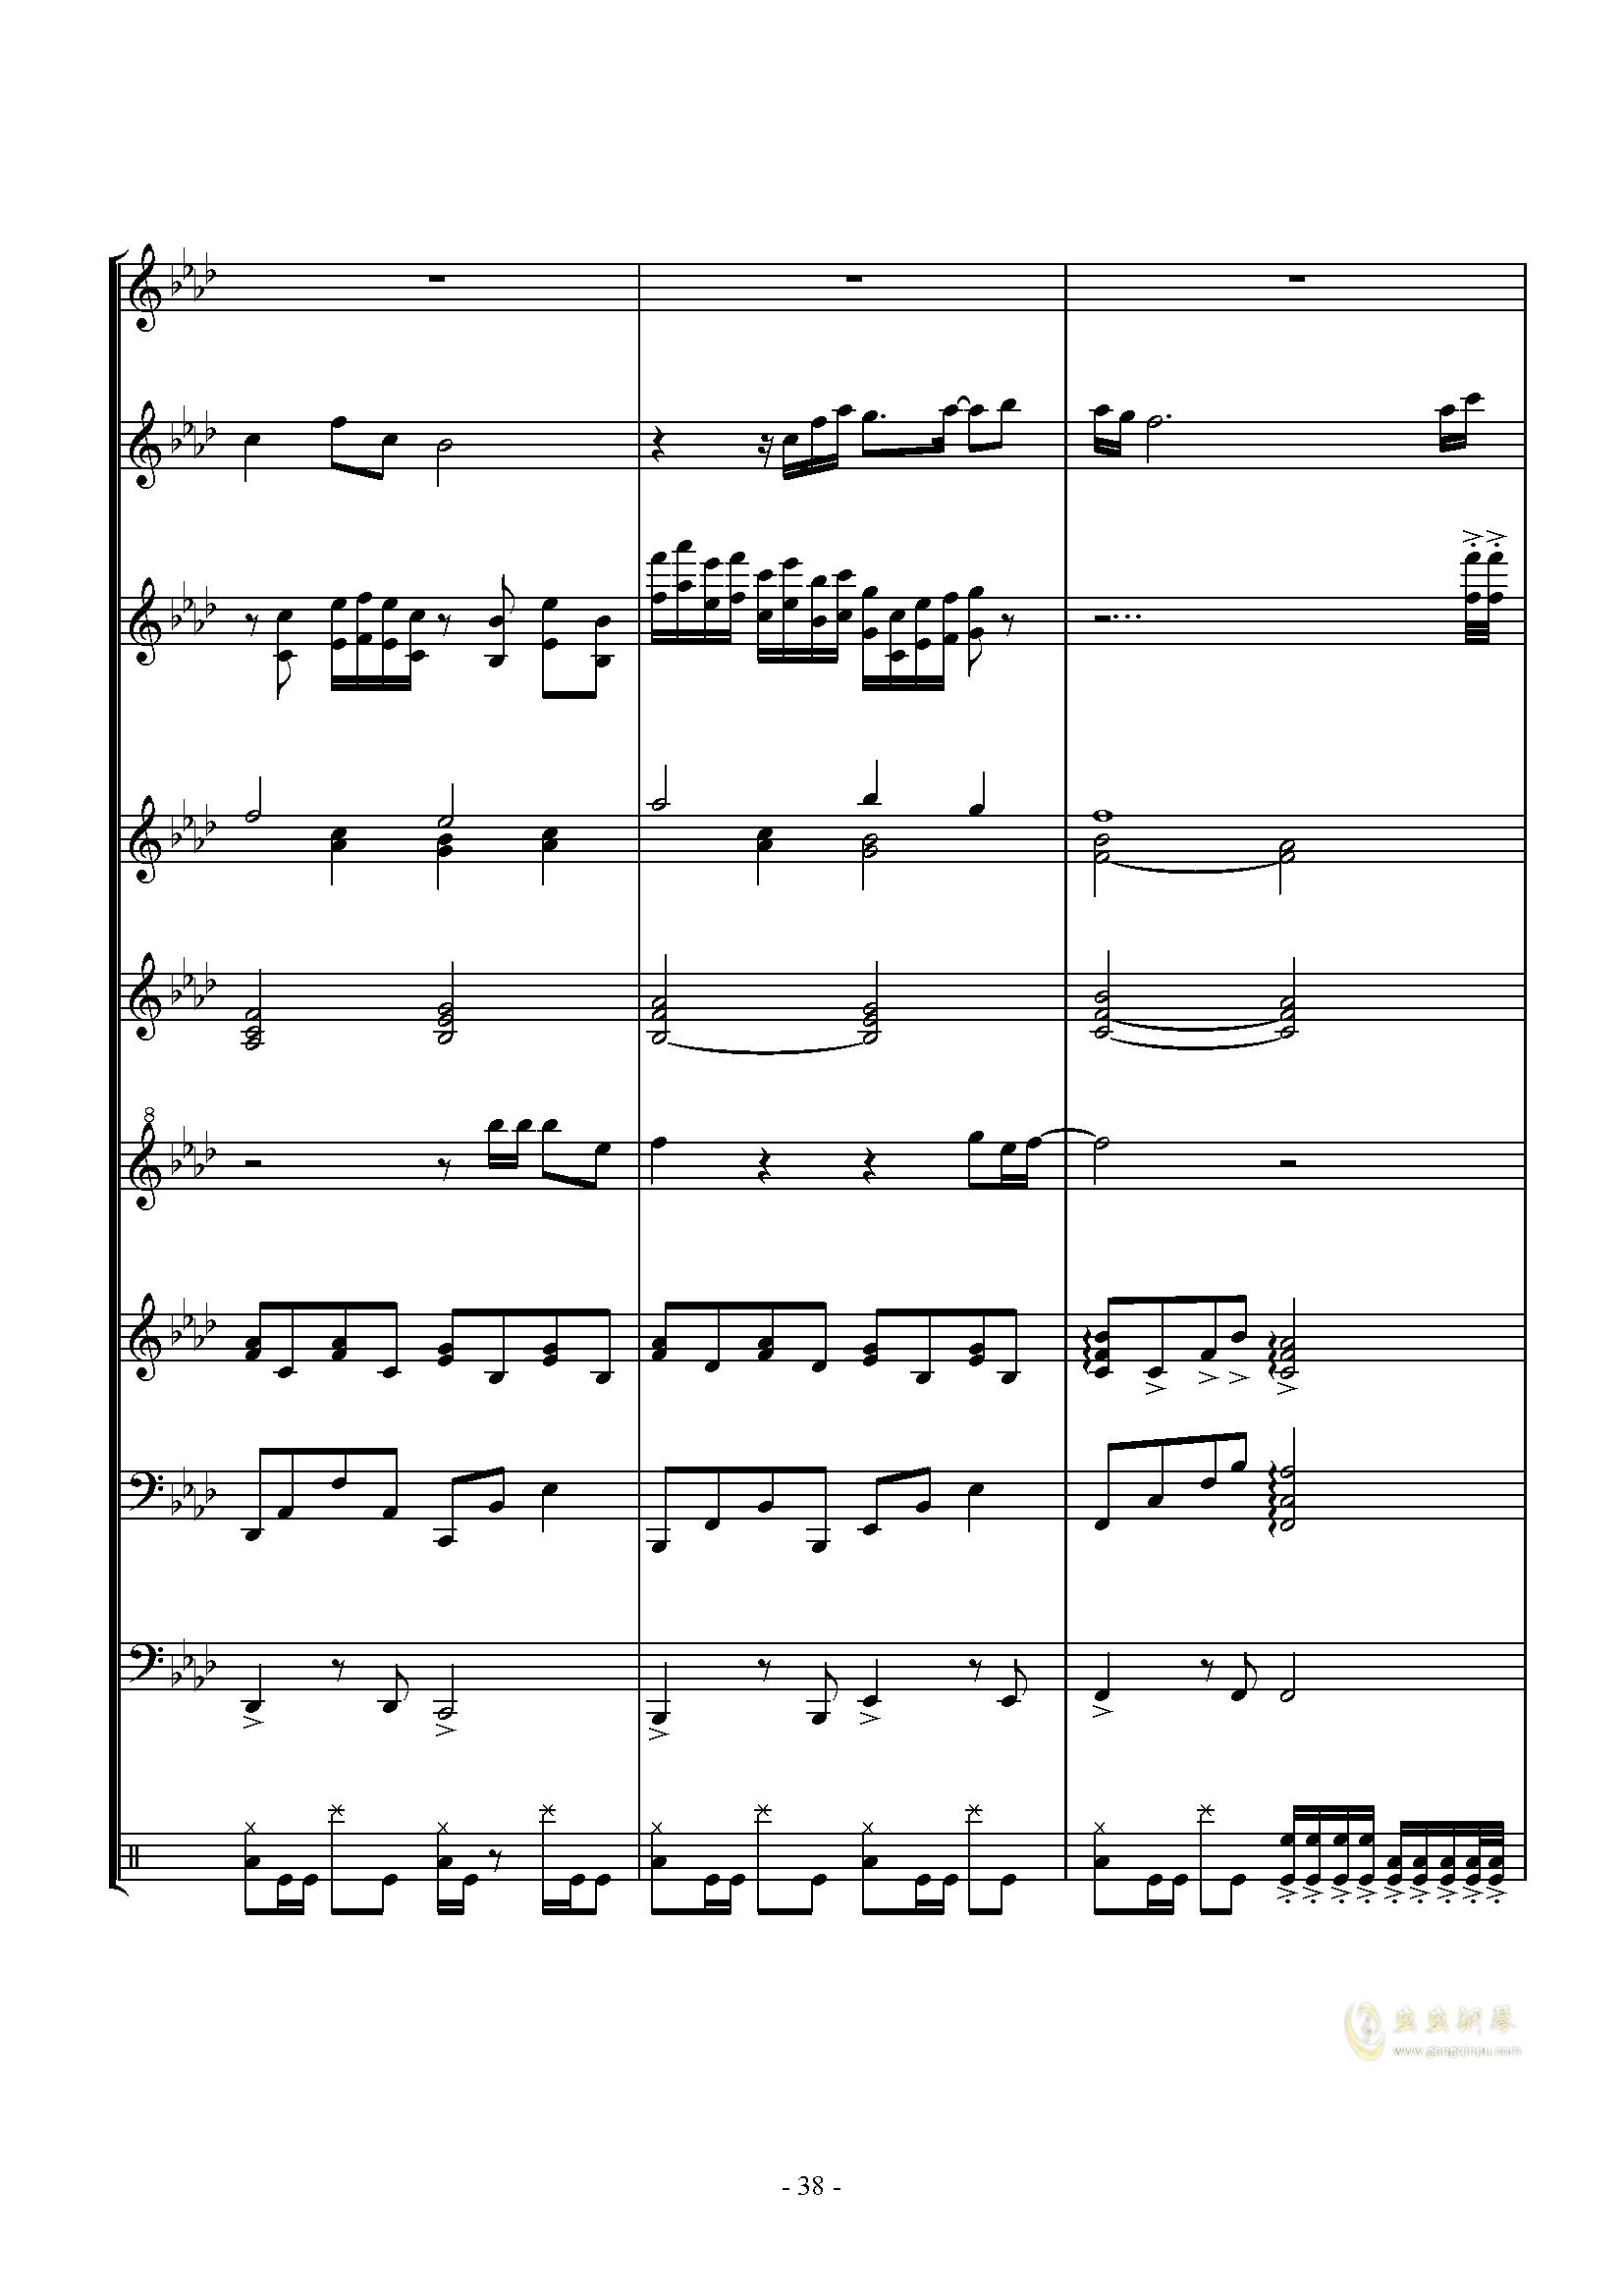 キミガタメ钢琴谱 第38页